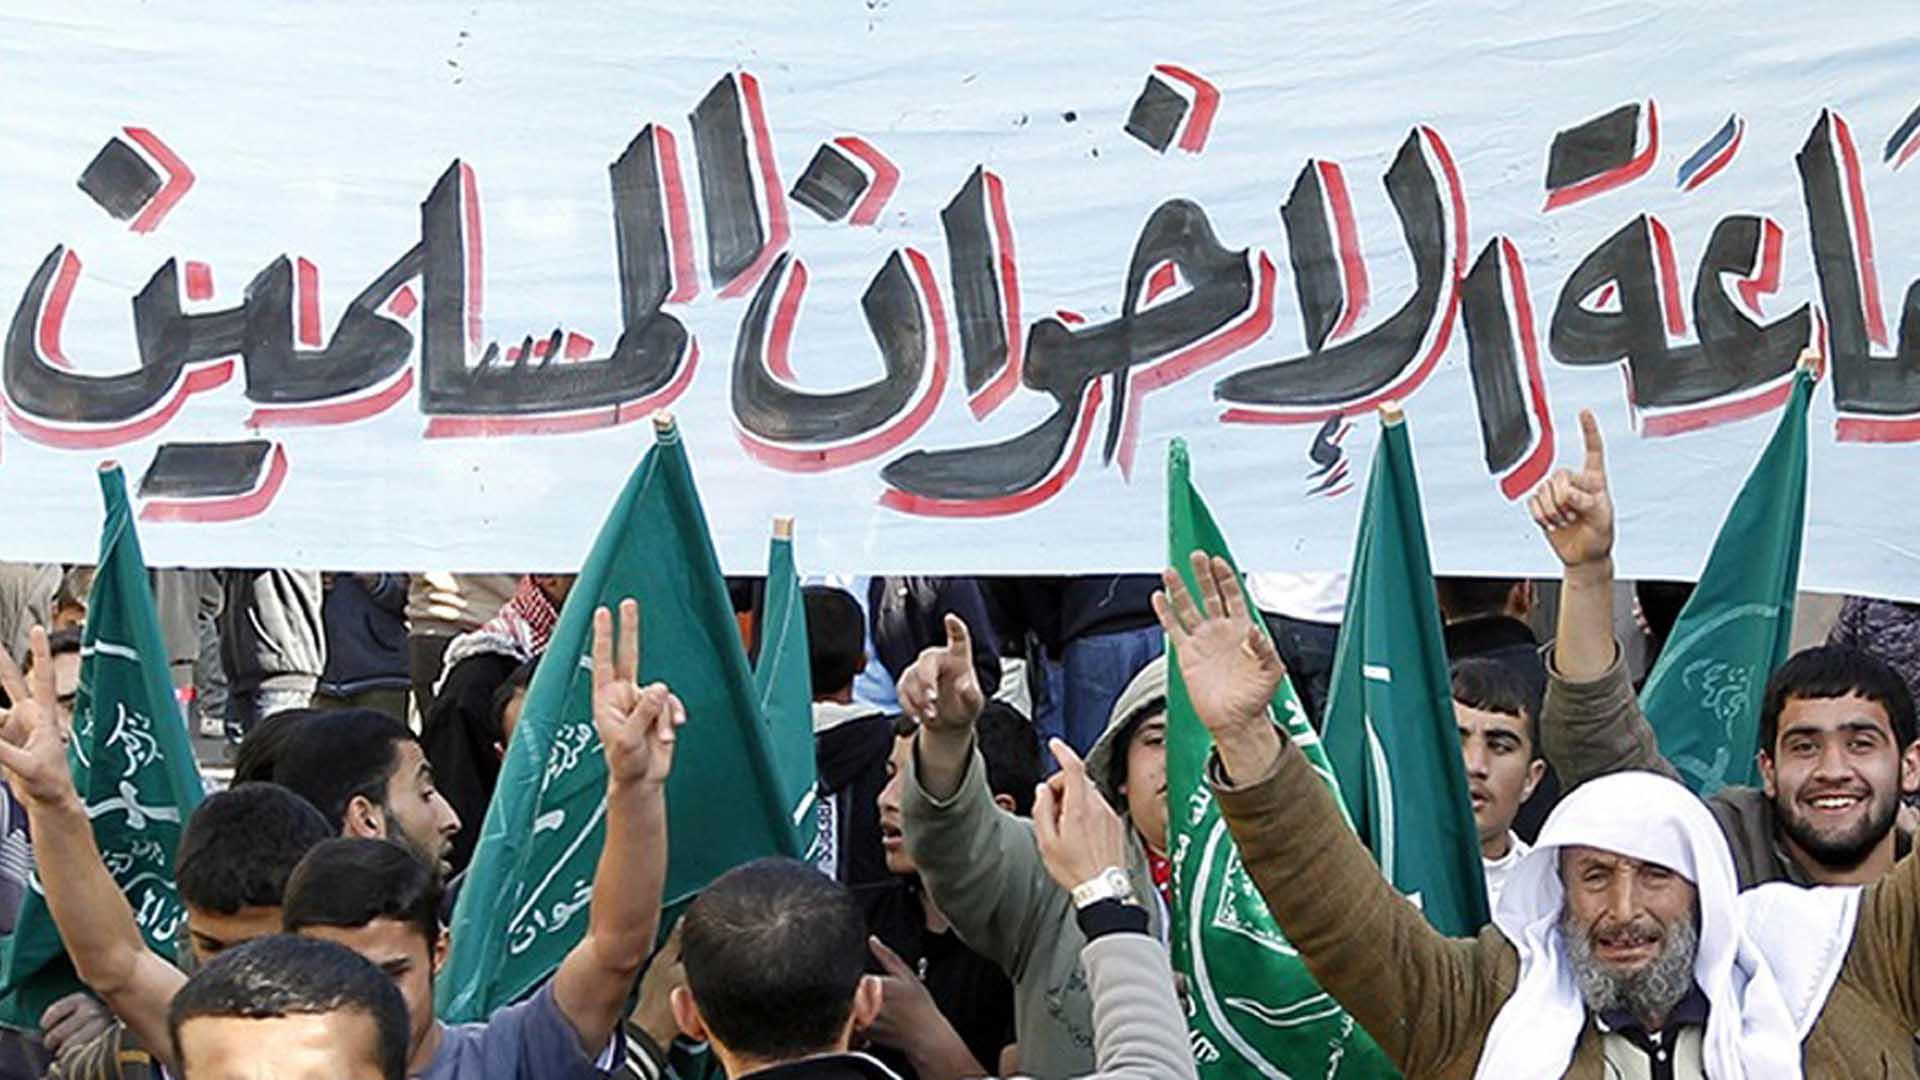 """""""الإخوان المسلمون"""" في سورية بعد الربيع العربي"""